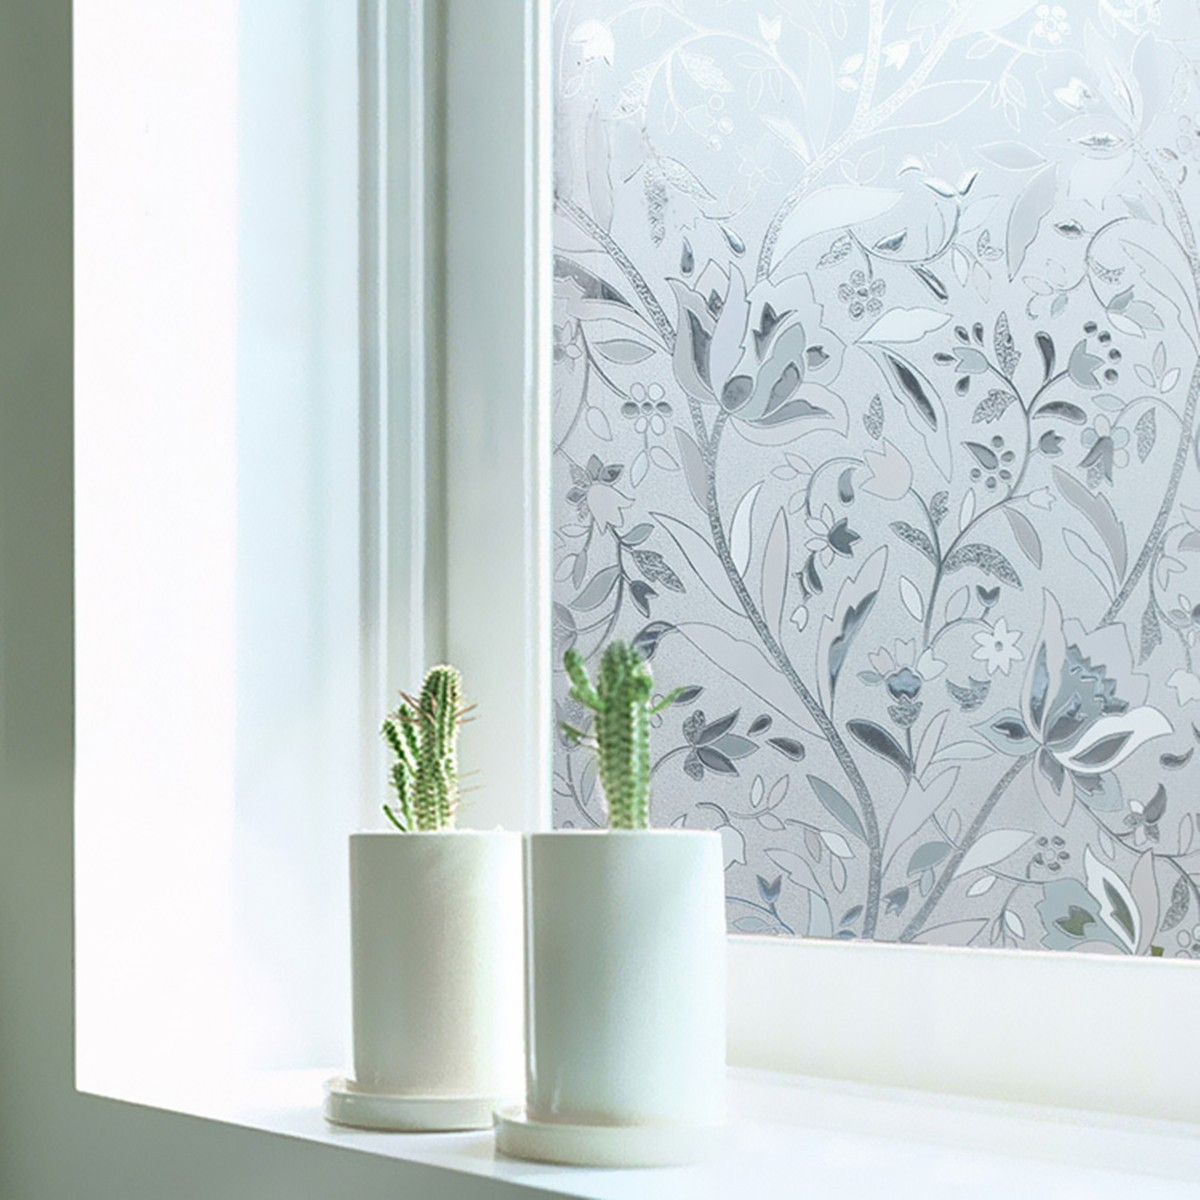 Opaque Glass For Bathroom Windows - Bathroom Design Ideas